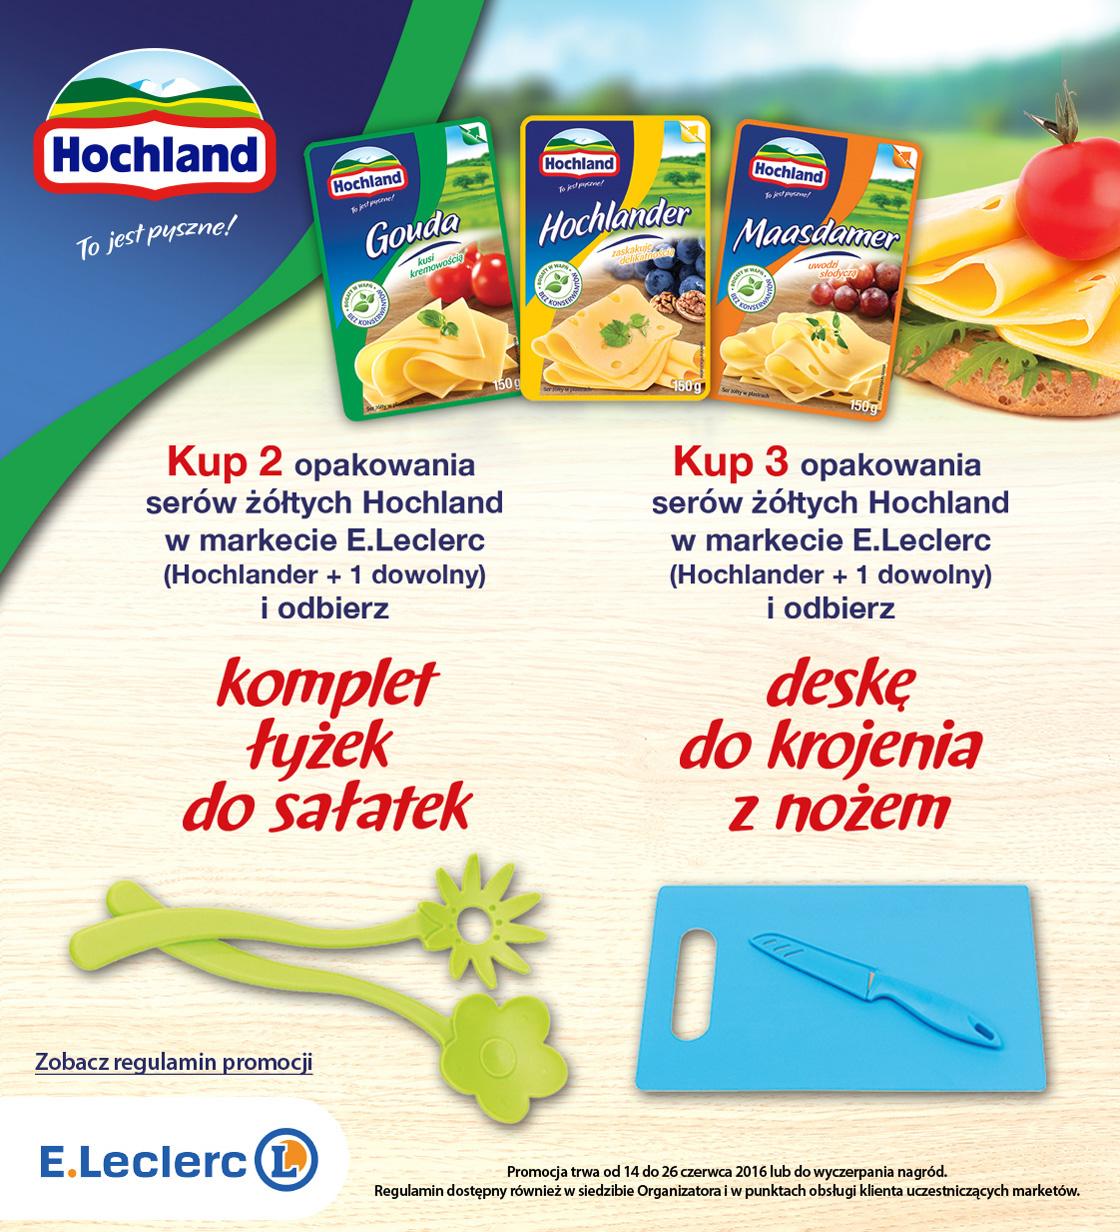 Komplet łyżek do sałatek lub deska do krojenia z nożem za zakup serów Hochland @ E.Leclerc